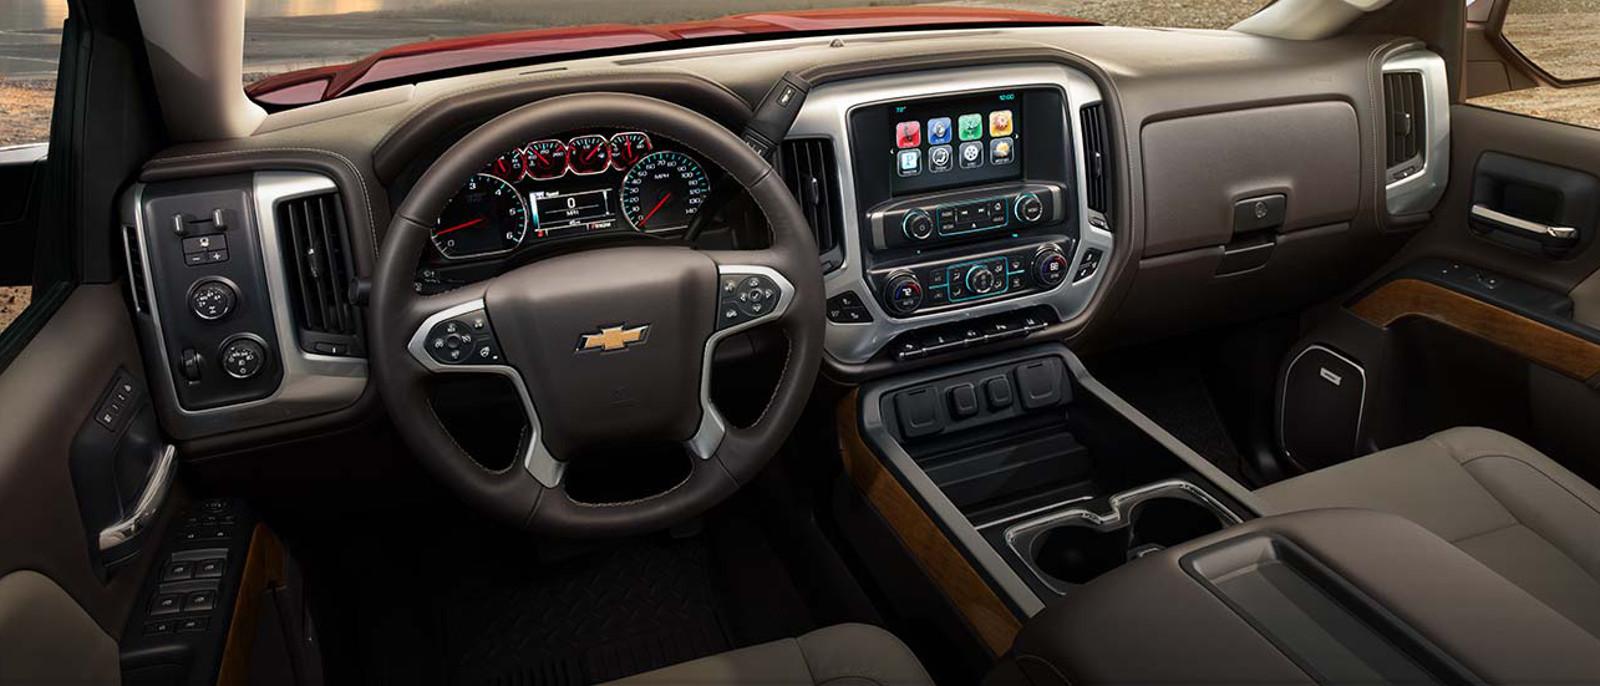 2015 Chevrolet Silverado Interior